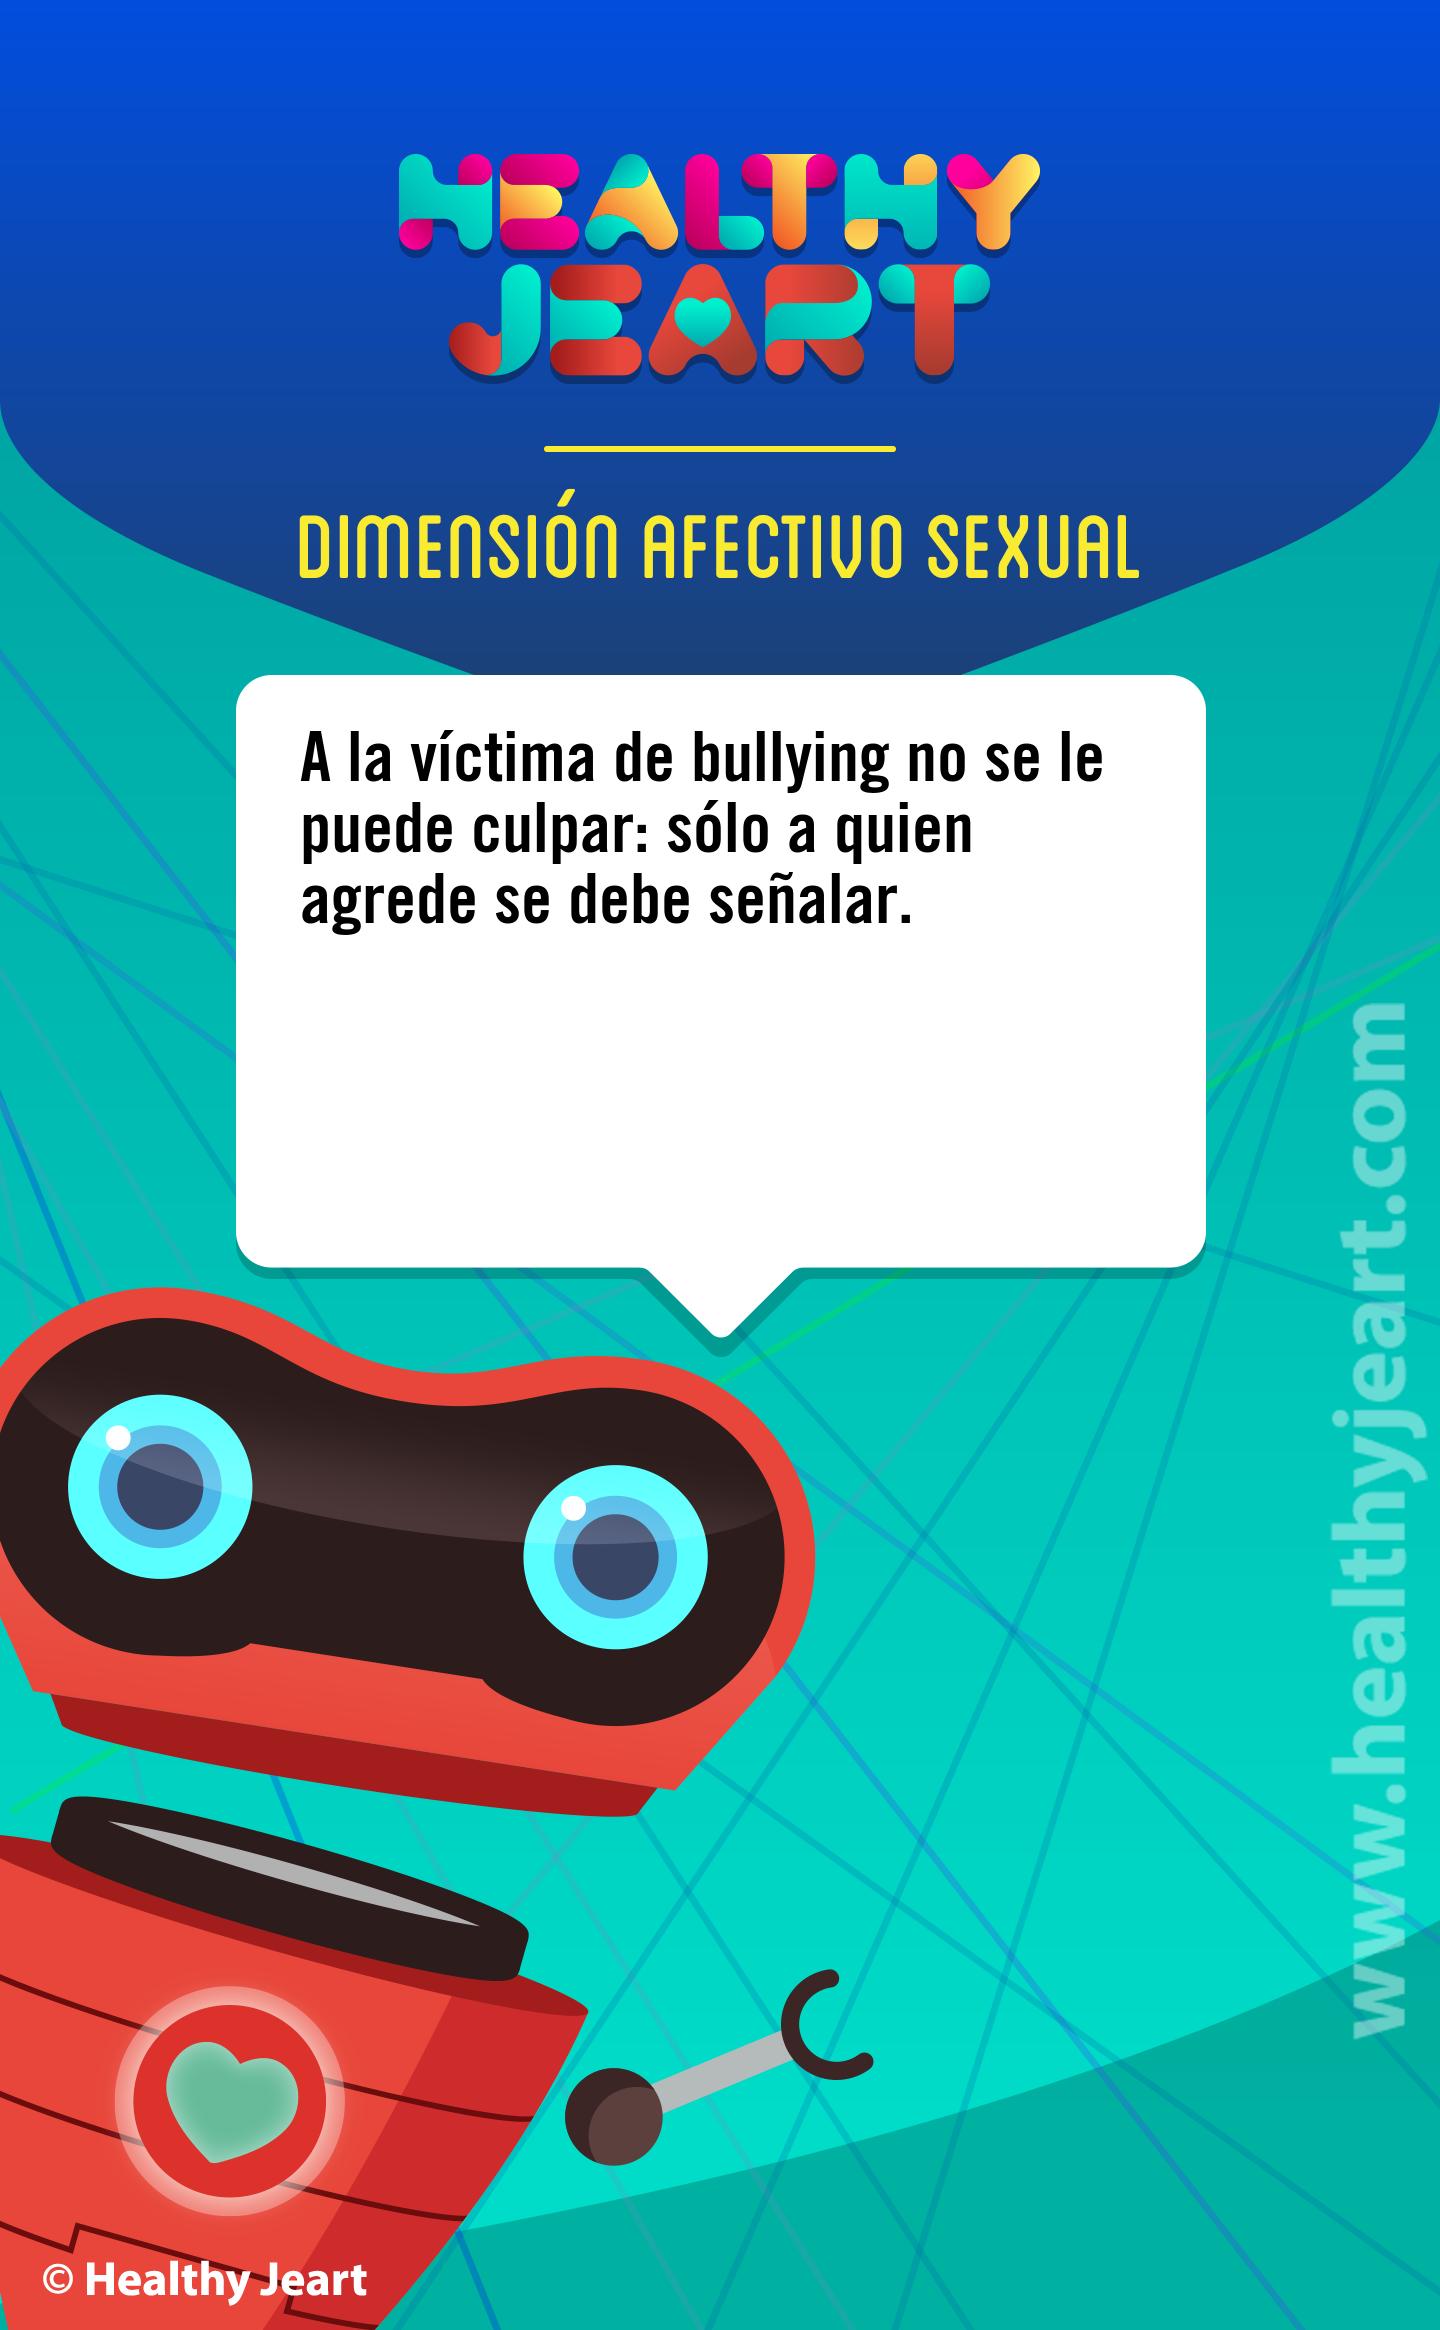 A la víctima de bullying no se le puede culpar: sólo a quien agrede se debe señalar.